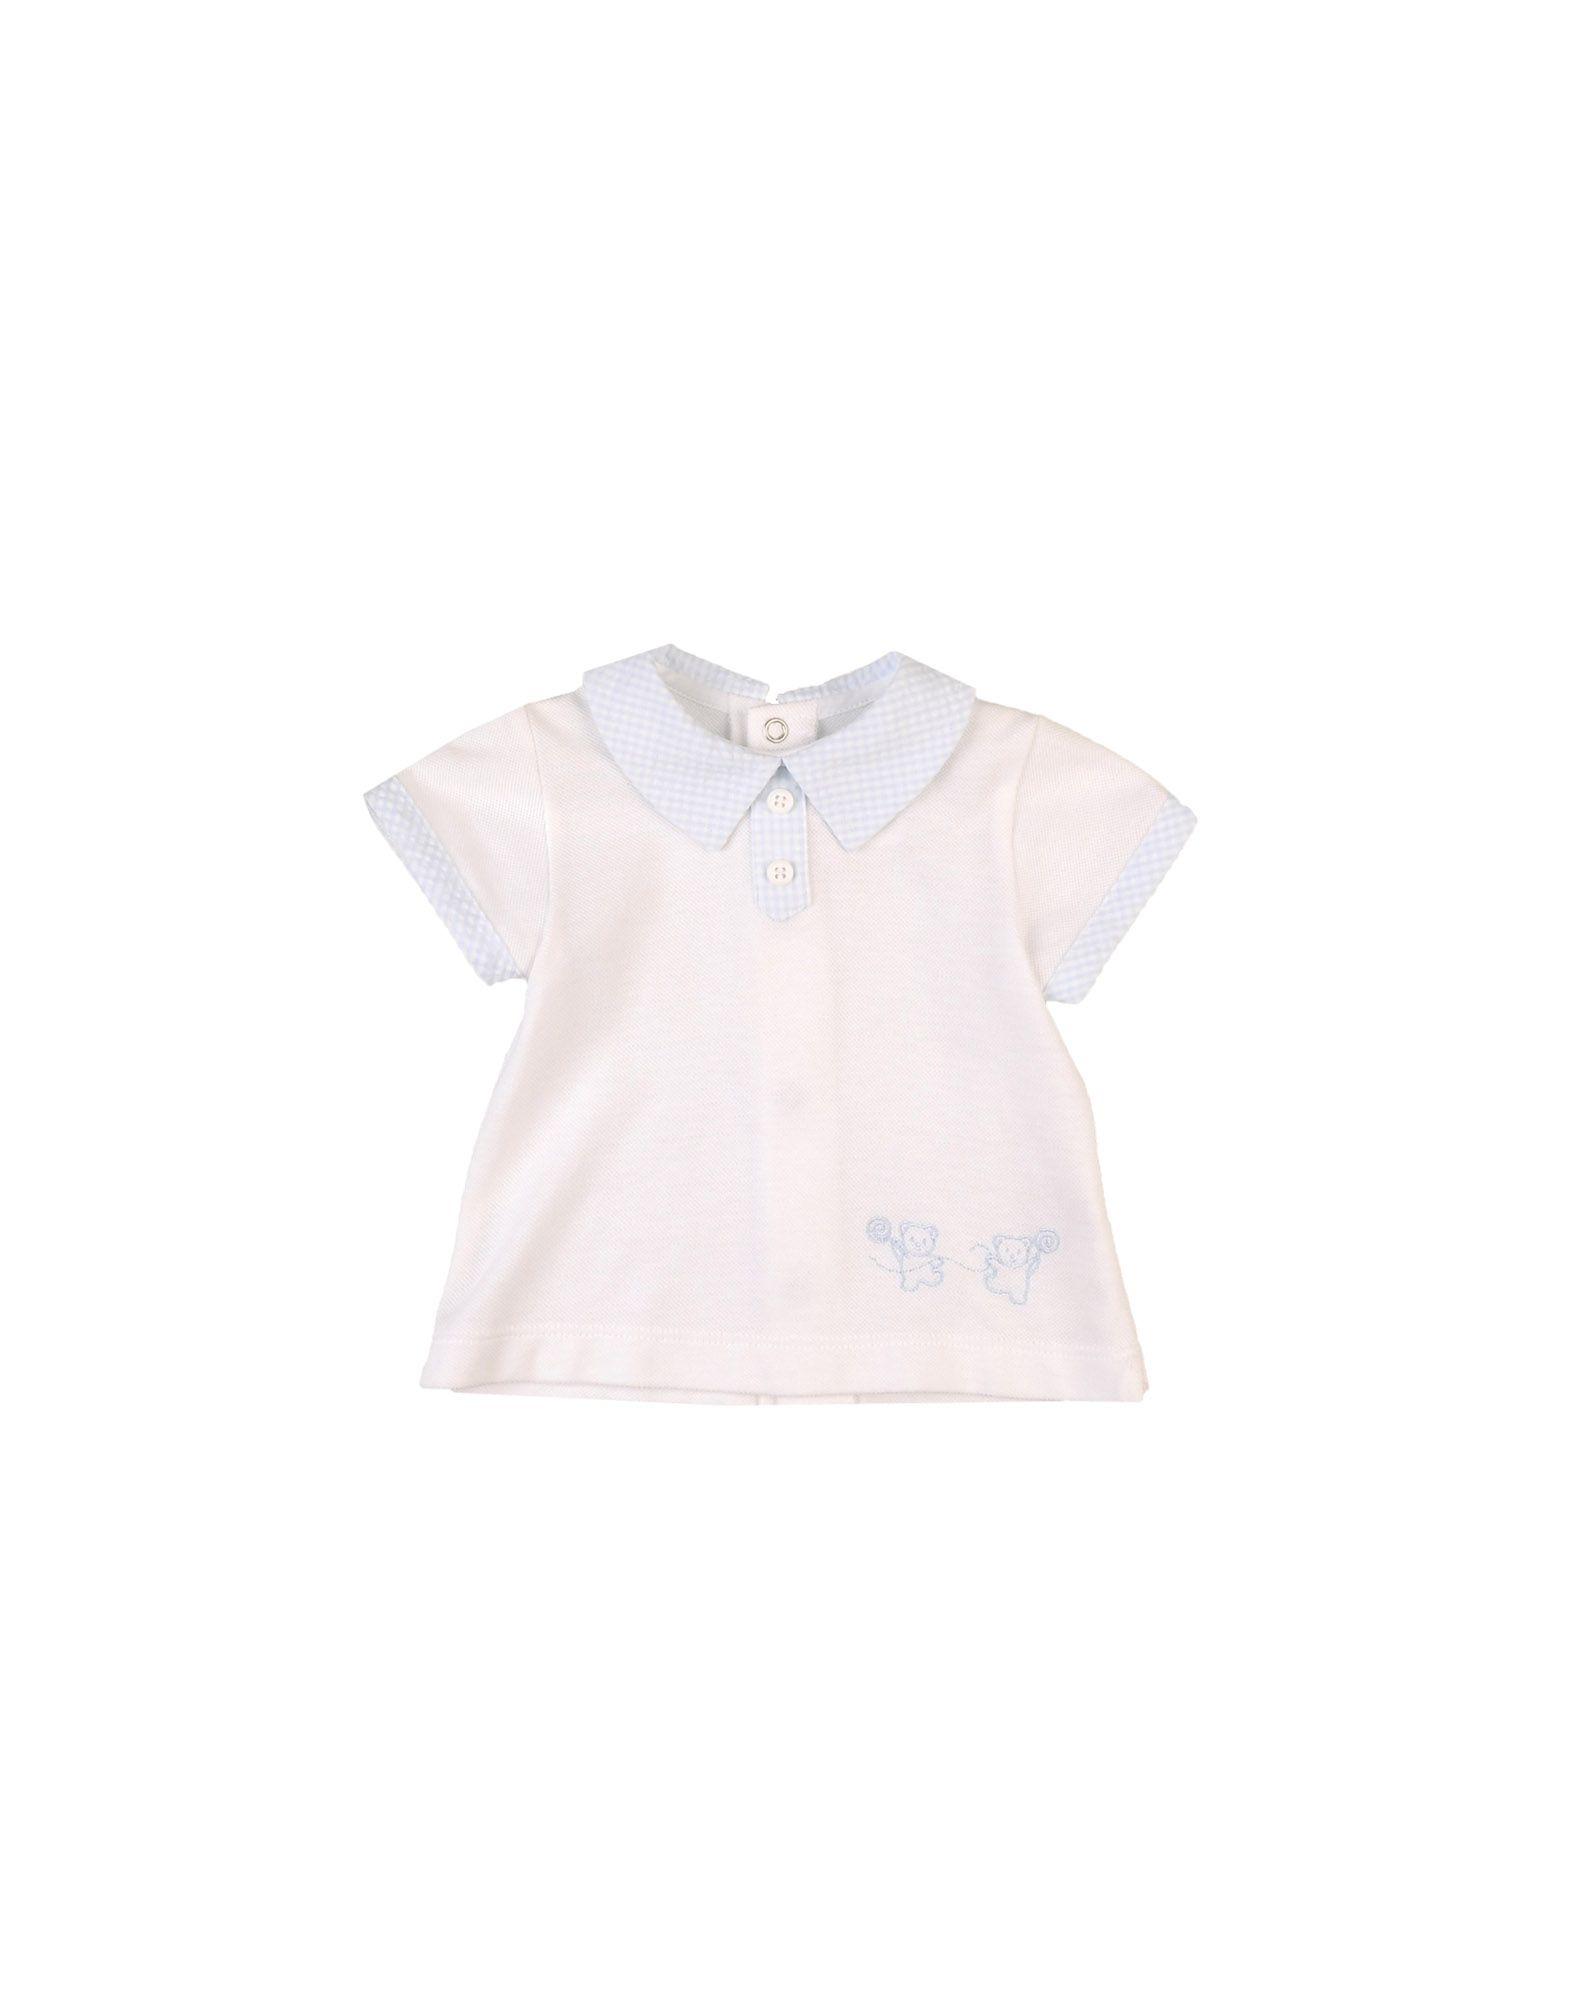 《セール開催中》ALETTA ボーイズ 0-24 ヶ月 ポロシャツ ホワイト 9 コットン 100%